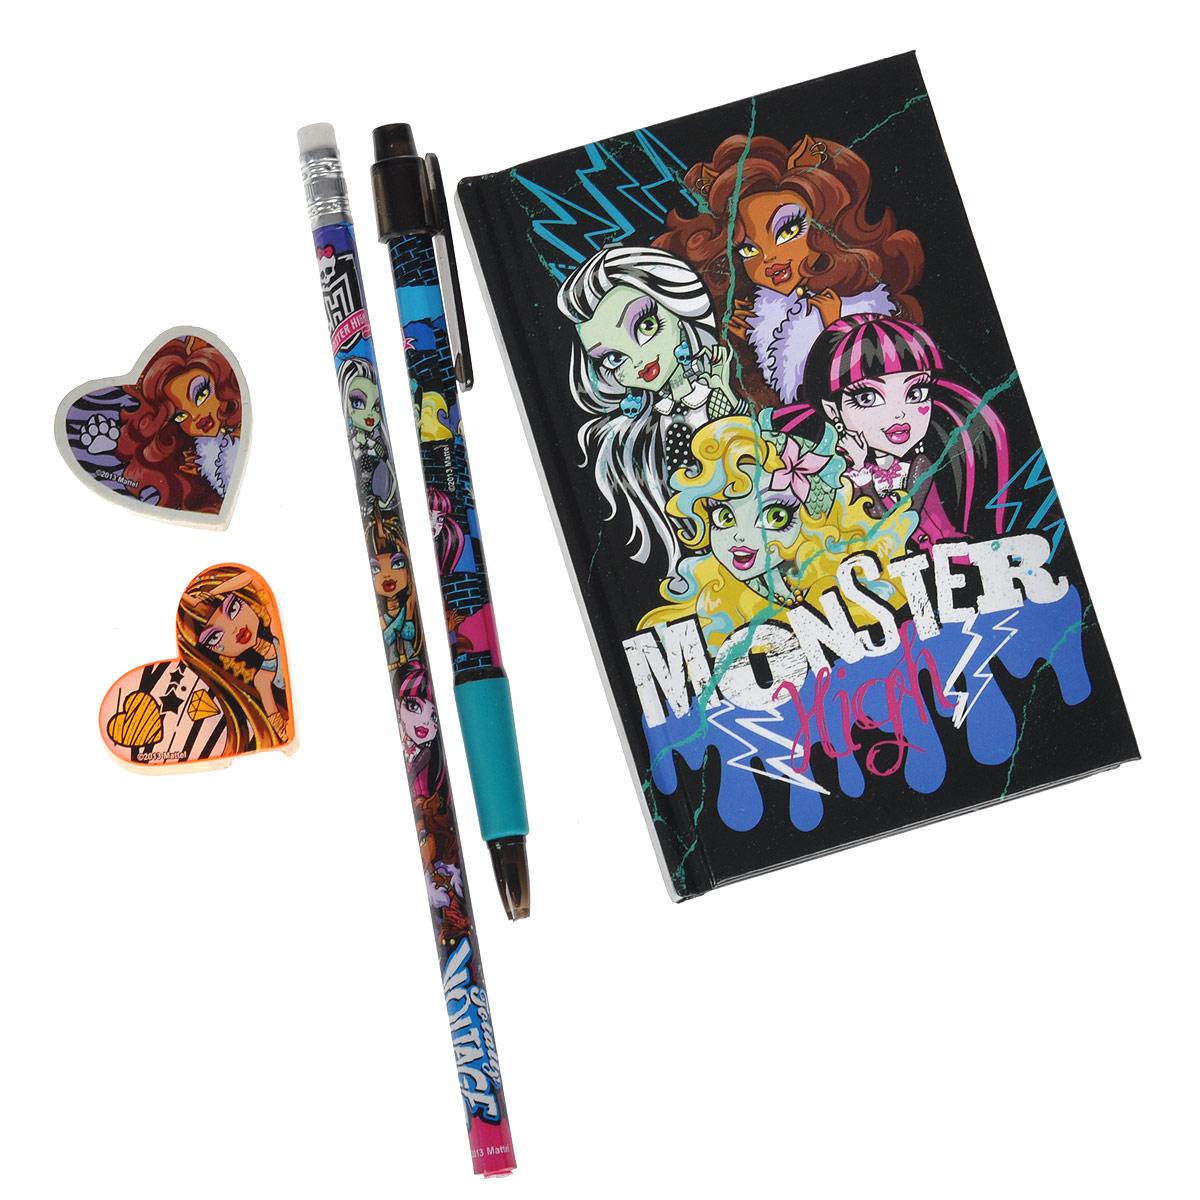 Фото - Канцелярский набор Monster High, 5 предметов канцелярский набор monster high 3 предмета